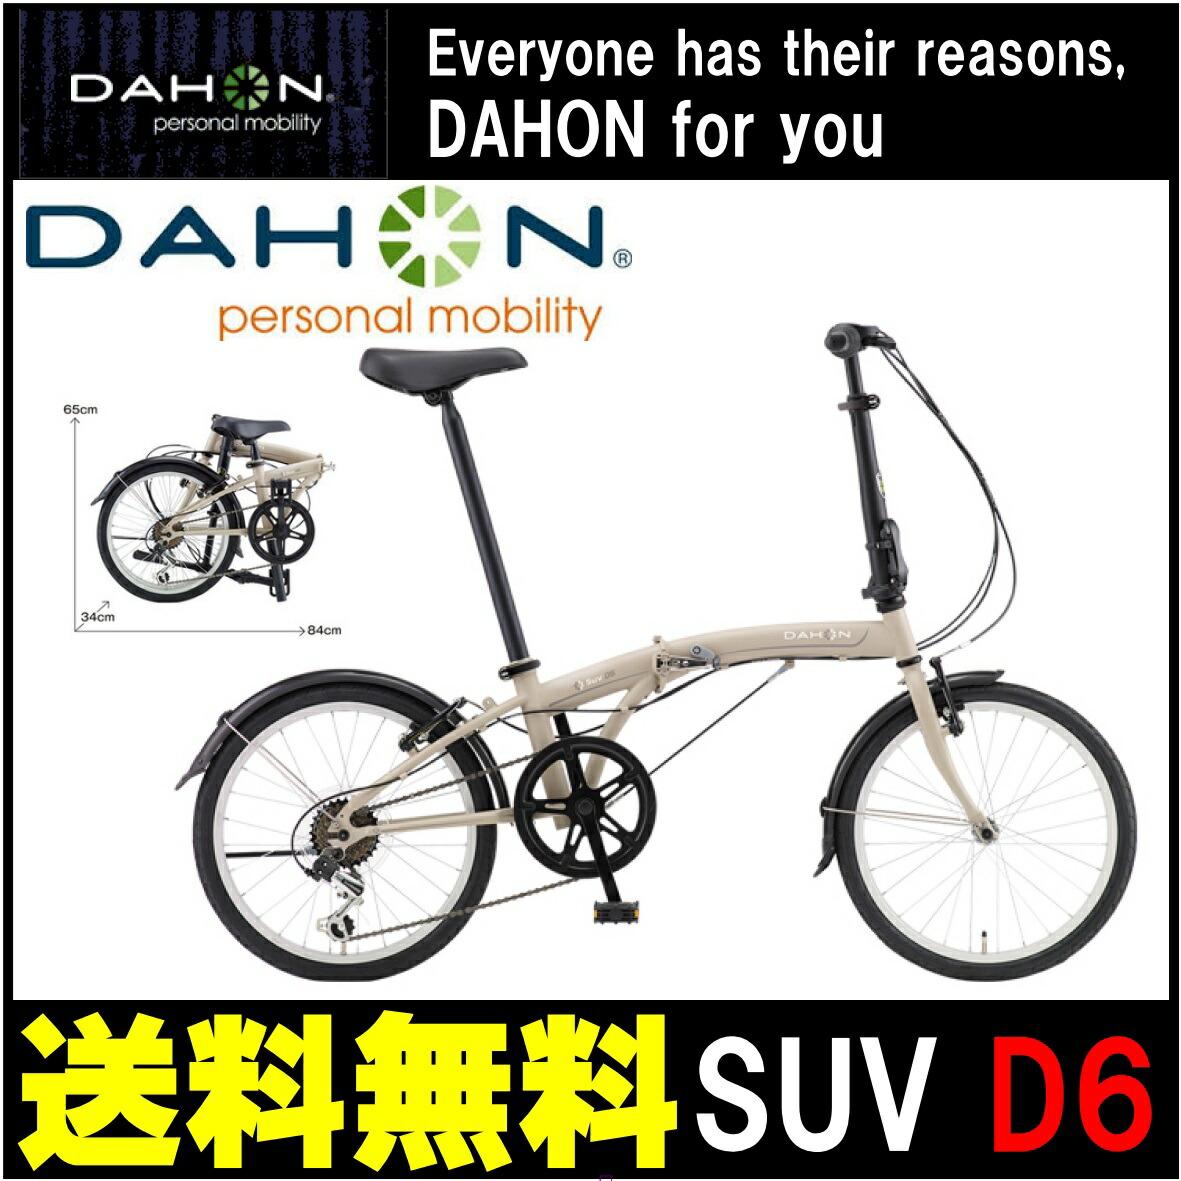 折りたたみ自転車 DAHON SUV D6 ダホン 自転車 マットベージュ20インチ 折りたたみ自転車 外装6段変速ギア ダホン 折りたたみ自転車 DAHON エスユーヴィー D6